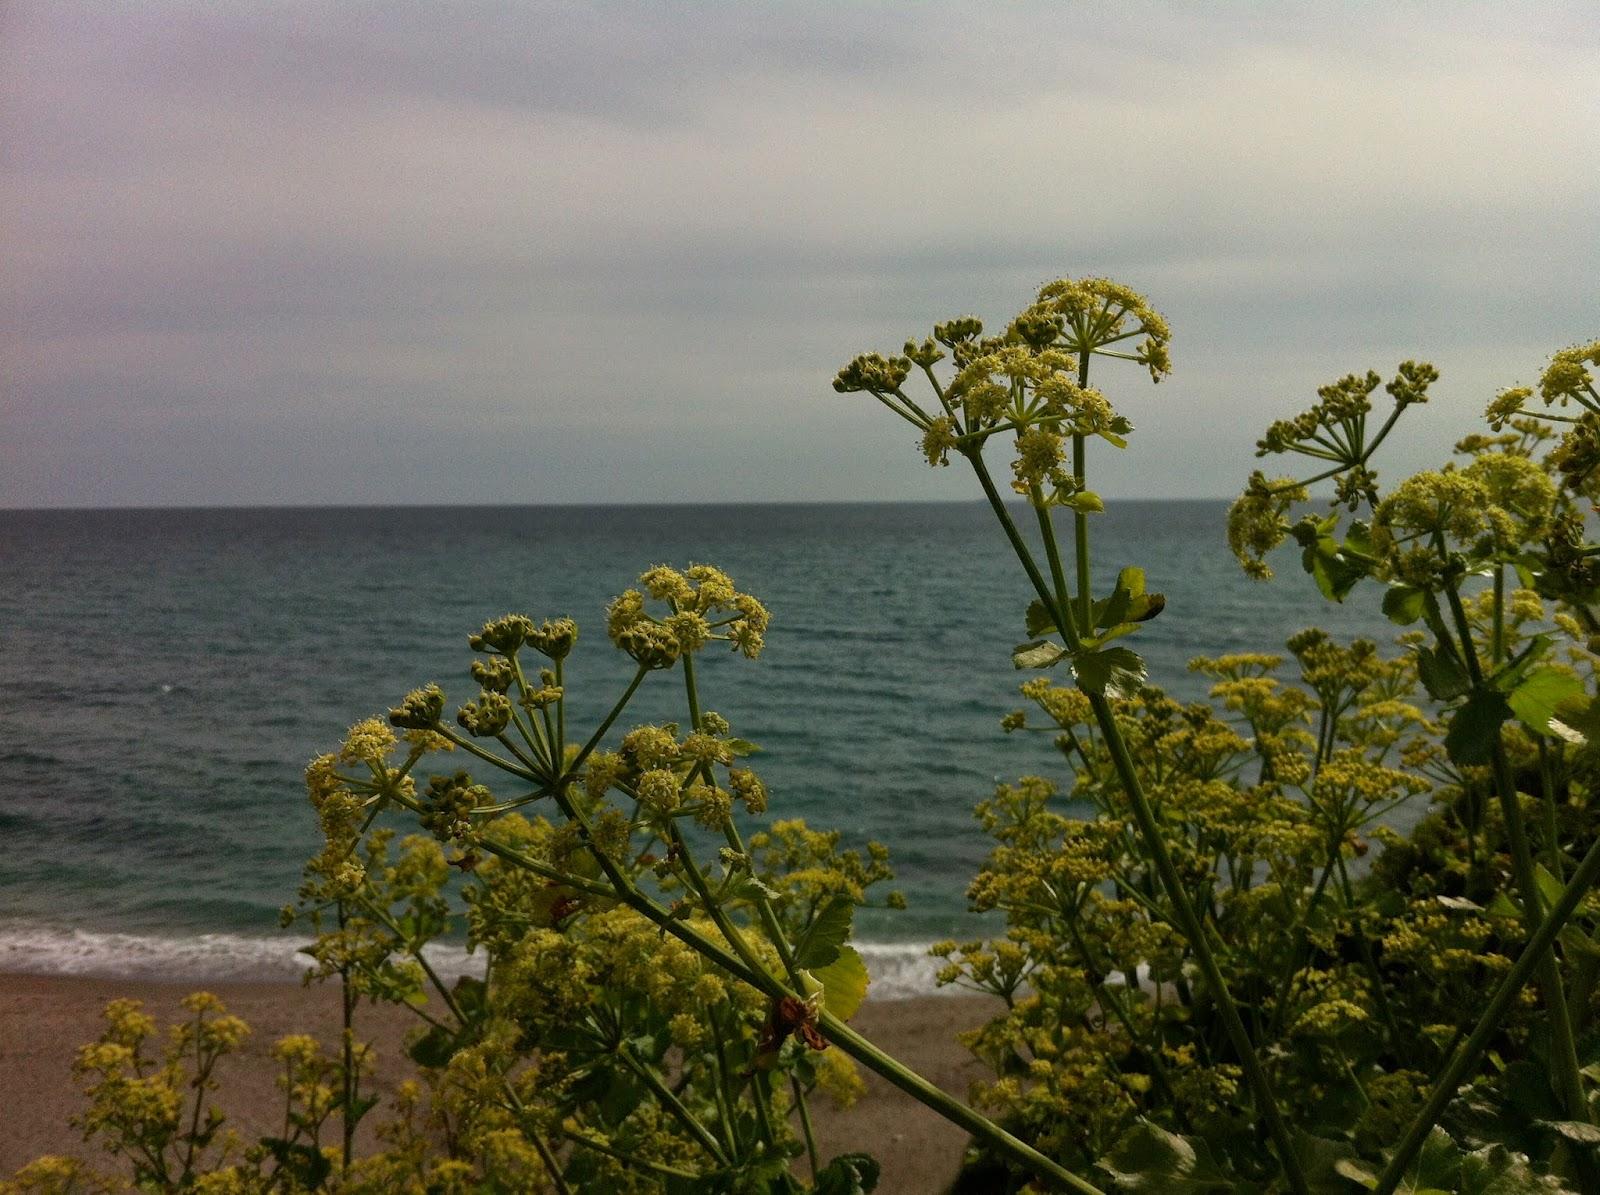 Alexanders by the sea at Portwrinkle or Finnygook